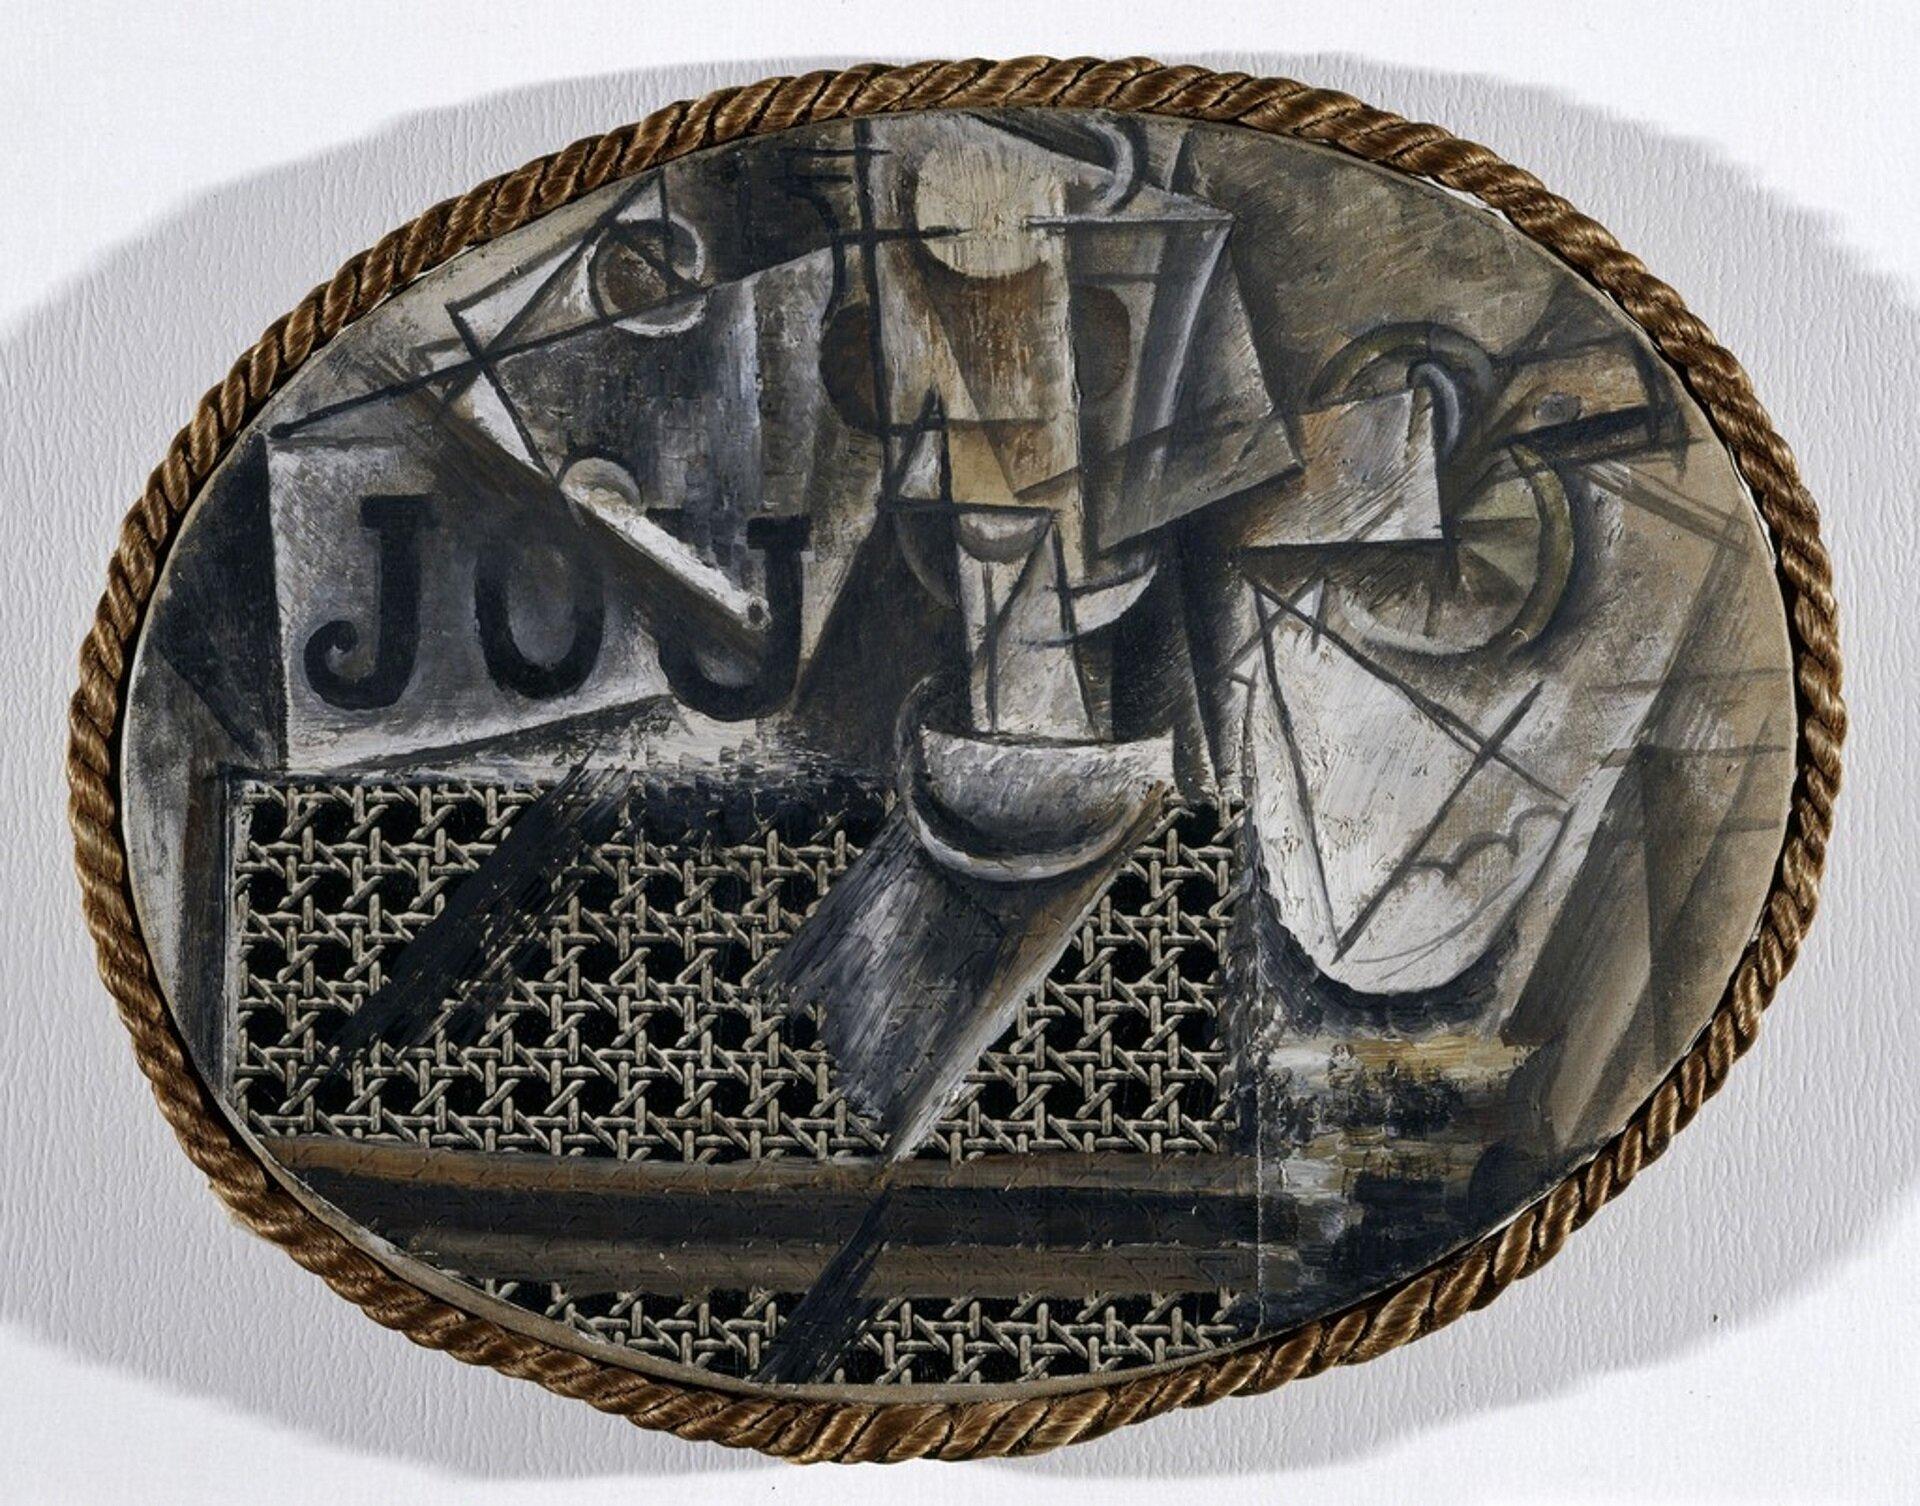 """Ilustracja przedstawia obraz Pablo Picasso pt. """"Martwa natura zwyplatanym krzesłem"""". Obraz pochodzi z1912 roku. Na ilustracji znajduje się brązowe koło, wktórego wnętrzu umieszczone są różne przedmioty. Widoczne jest wyplatane krzesło. Artysta uznawany za jednego znajwybitniejszych artystów XX wieku. Picasso wraz zGeorgesem Braque są twórcami nurtu malarstwa zwanego kubizmem."""